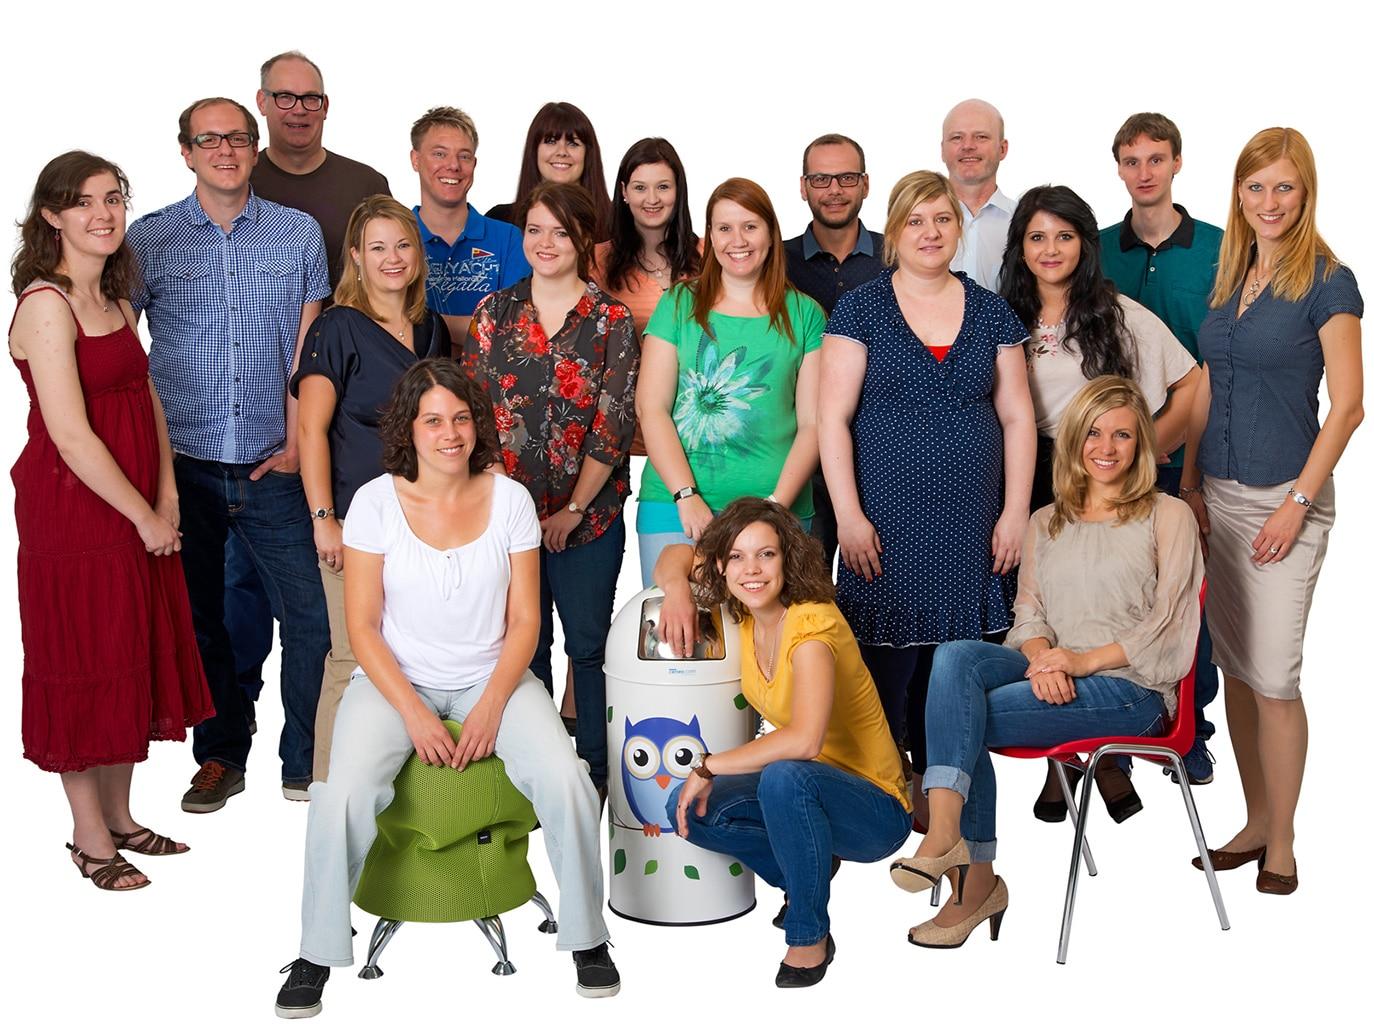 Firmen mitarbeiter gruppenbild herb allgaier fotografie for Originelle geschenke fa r mitarbeiter